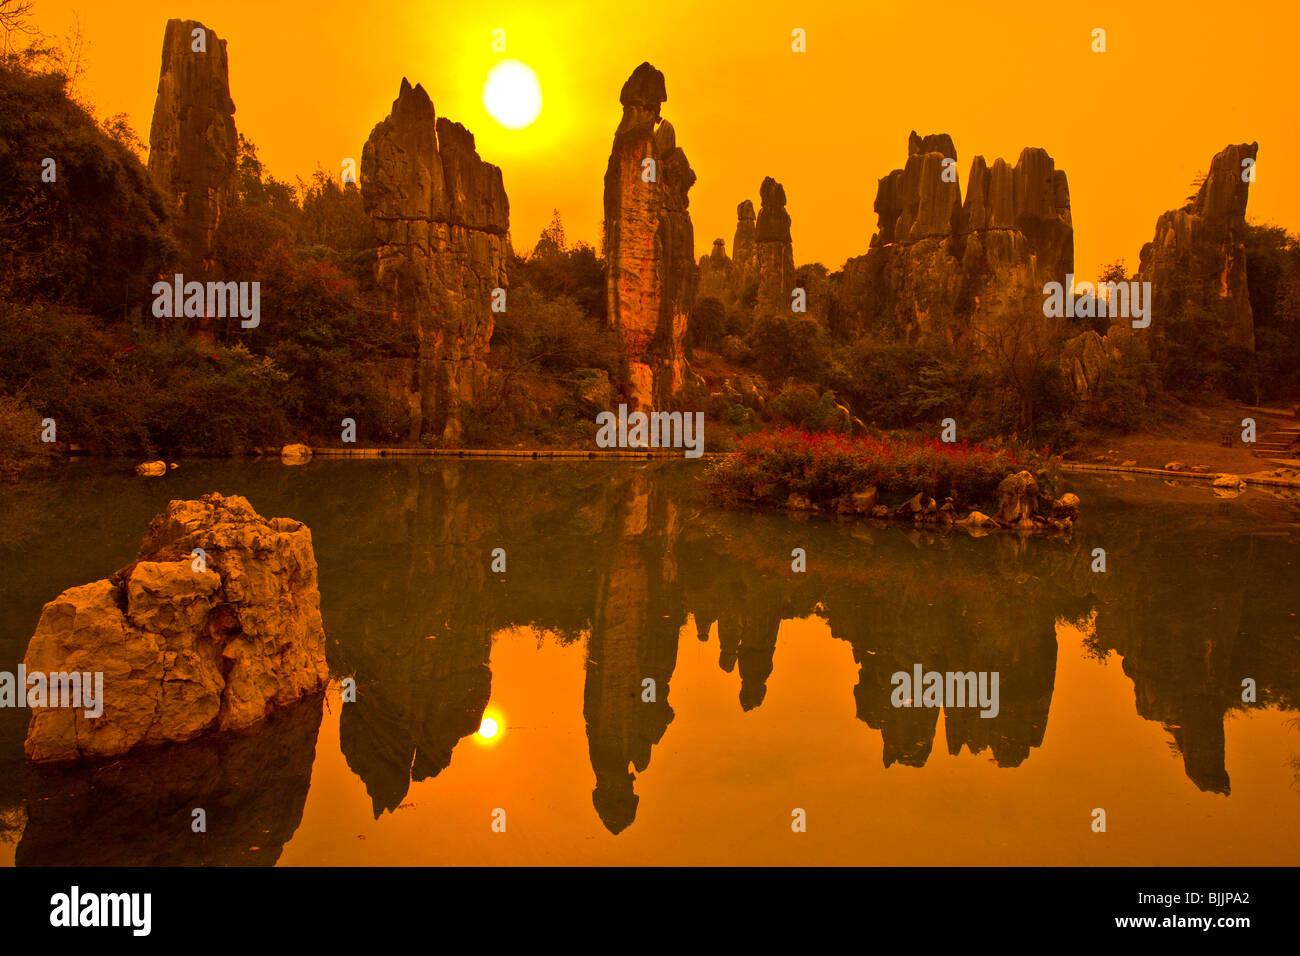 Agujas en poco bosque de piedras, piedras Forest National Geopark, China, en la provincia de Yunnan, pináculos Imagen De Stock